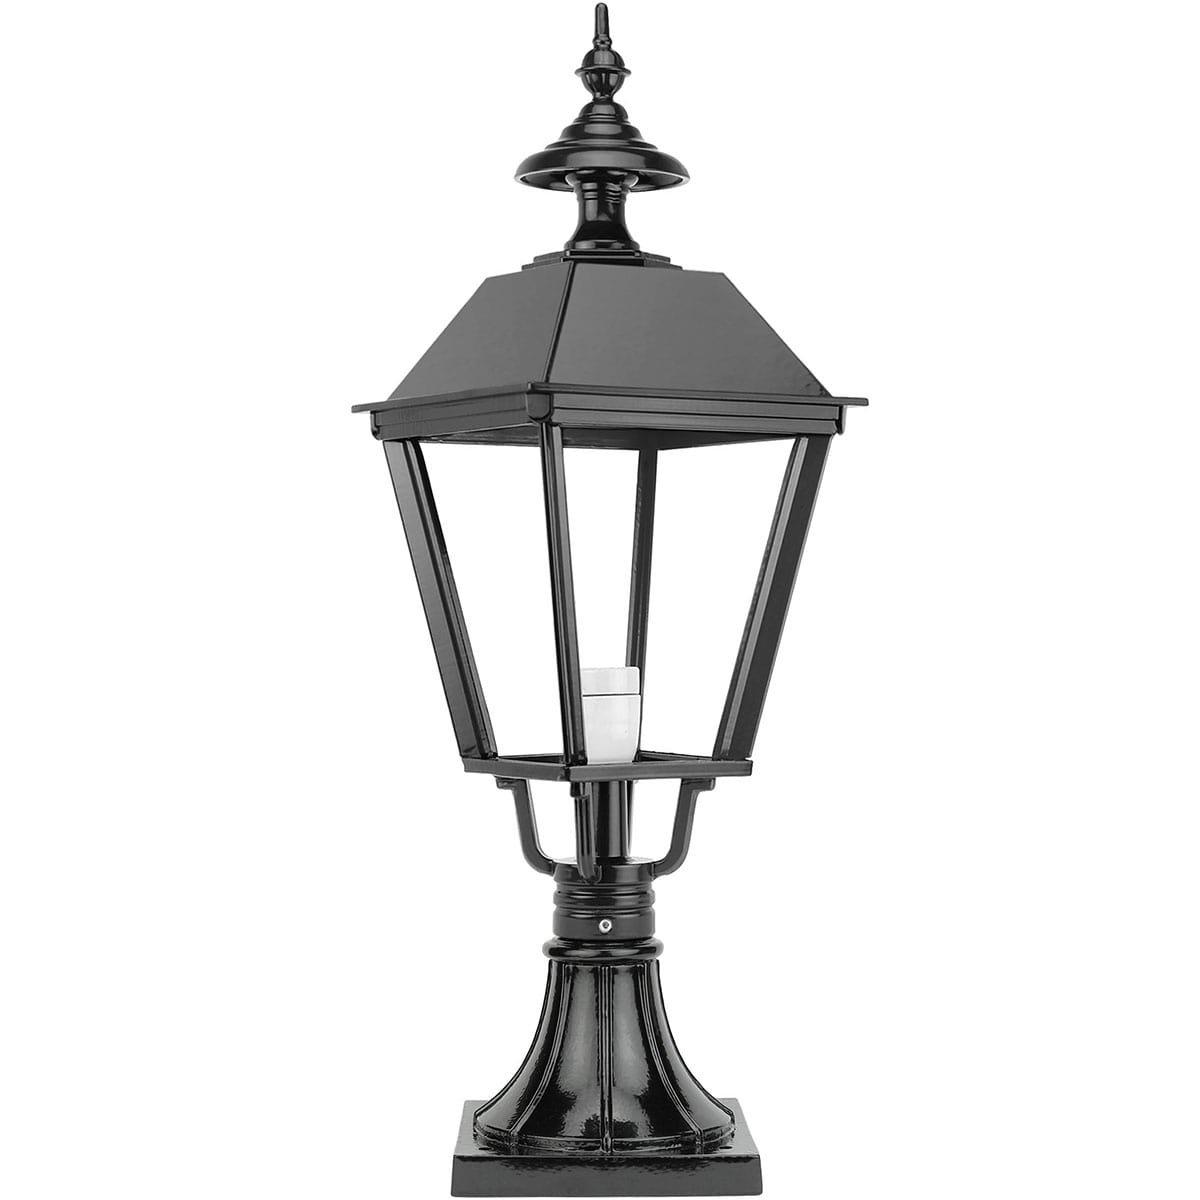 Buitenverlichting Klassiek Landelijk Tuinlamp Valkenswaard - 77 cm